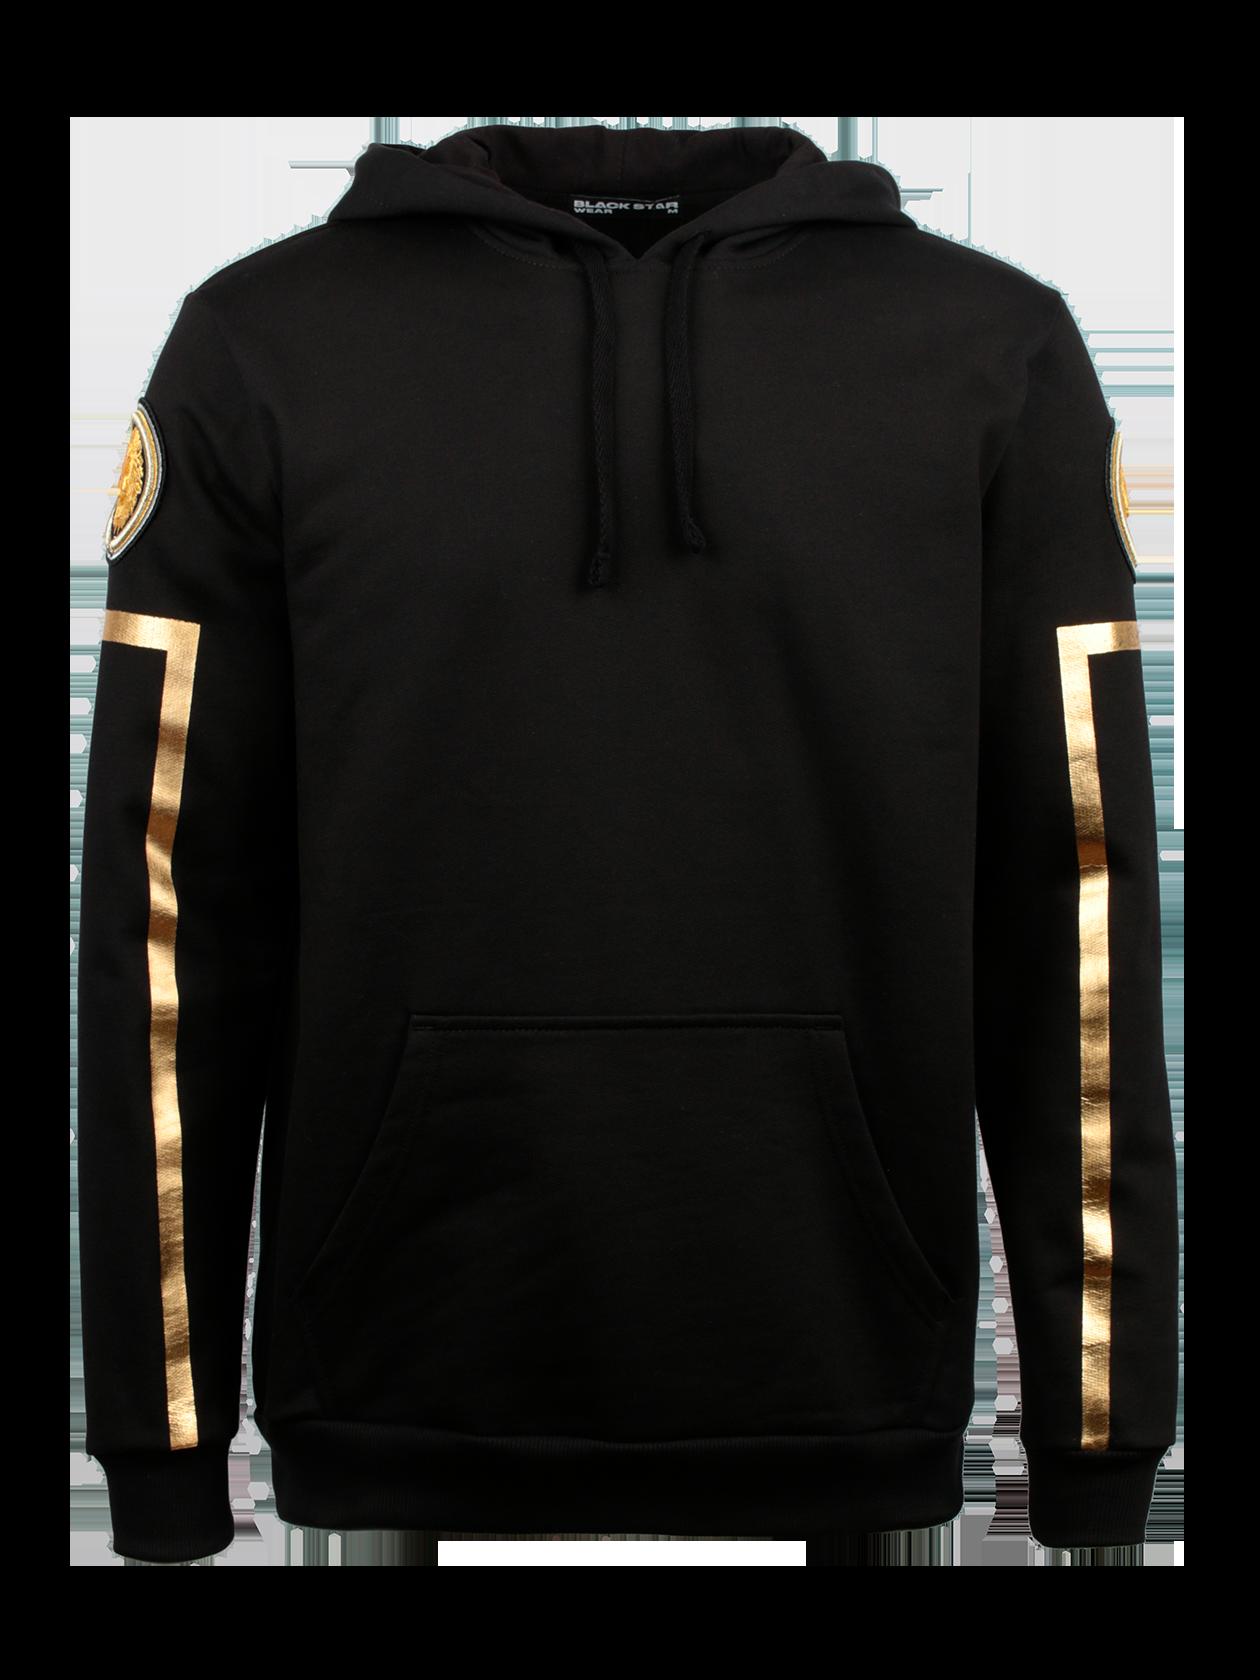 Костюм спортивный унисекс ROYALTY GOLDОригинальный и яркий костюм спортивный унисекс Royalty Gold из коллекции Black Star Wear. Комплект выполнен в практичном черном цвете, изготовлен из высококачественного бленда натурального хлопка, поэтому отлично подойдет в качестве базовой вещи. Верх в виде толстовки с капюшоном на завязках и карманом-трапецией. Рукава декорированы голографическими золотыми полосками и круглыми нашивками с символикой бренда Black Star. Брюки прямого, слегка зауженного кроя с фиксирующим поясом и голенищем.<br><br>Размер: L<br>Цвет: Черный<br>Пол: Мужской